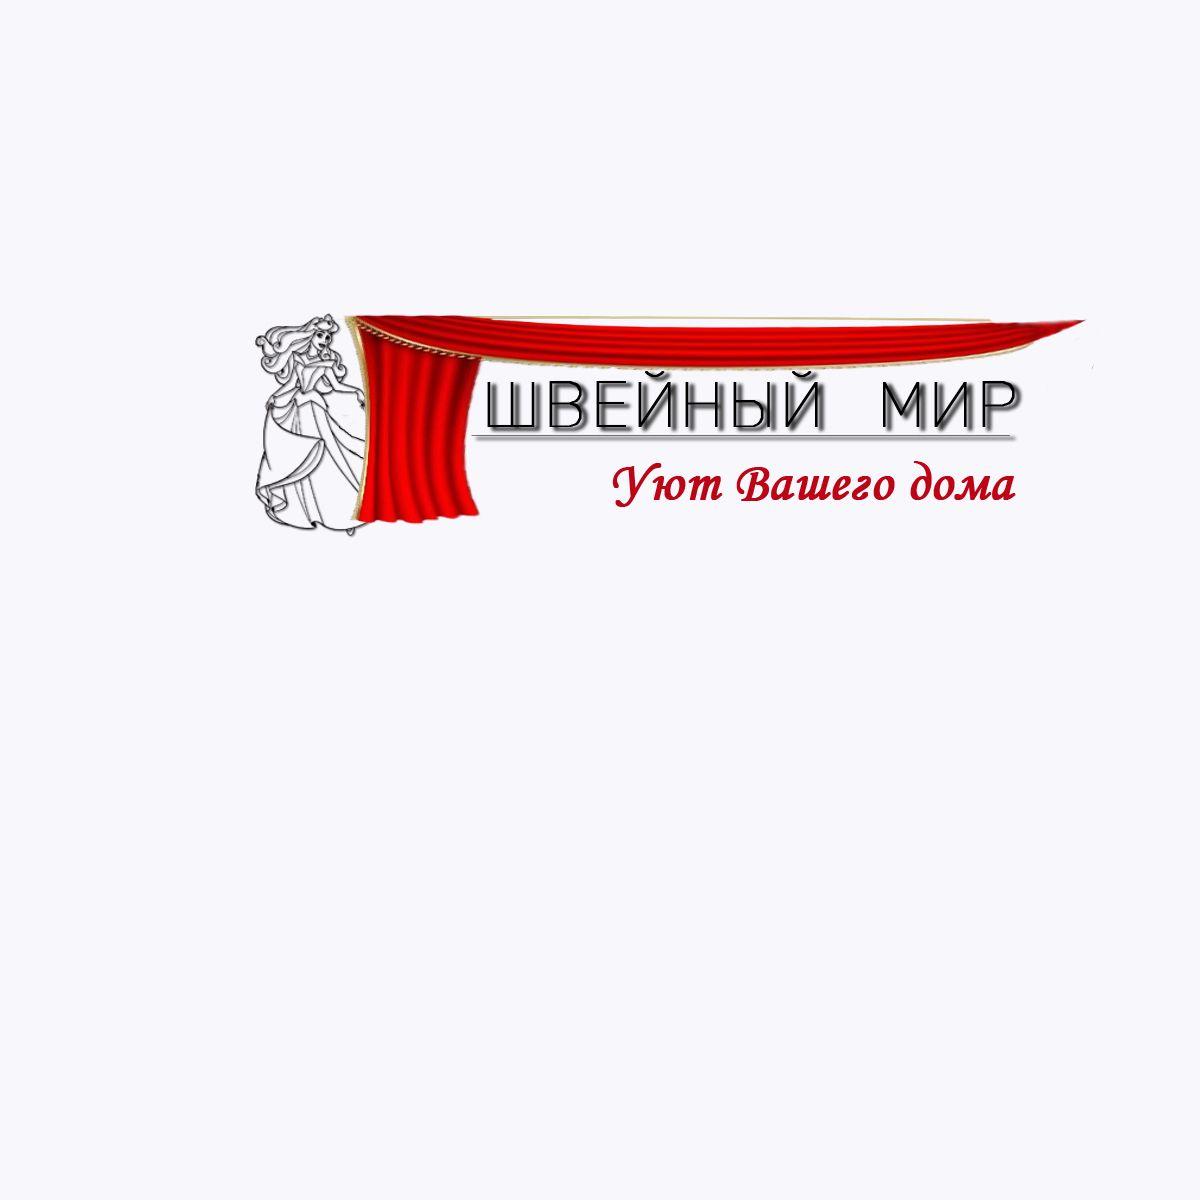 Логотип для ООО Швейный мир - дизайнер RuSib72